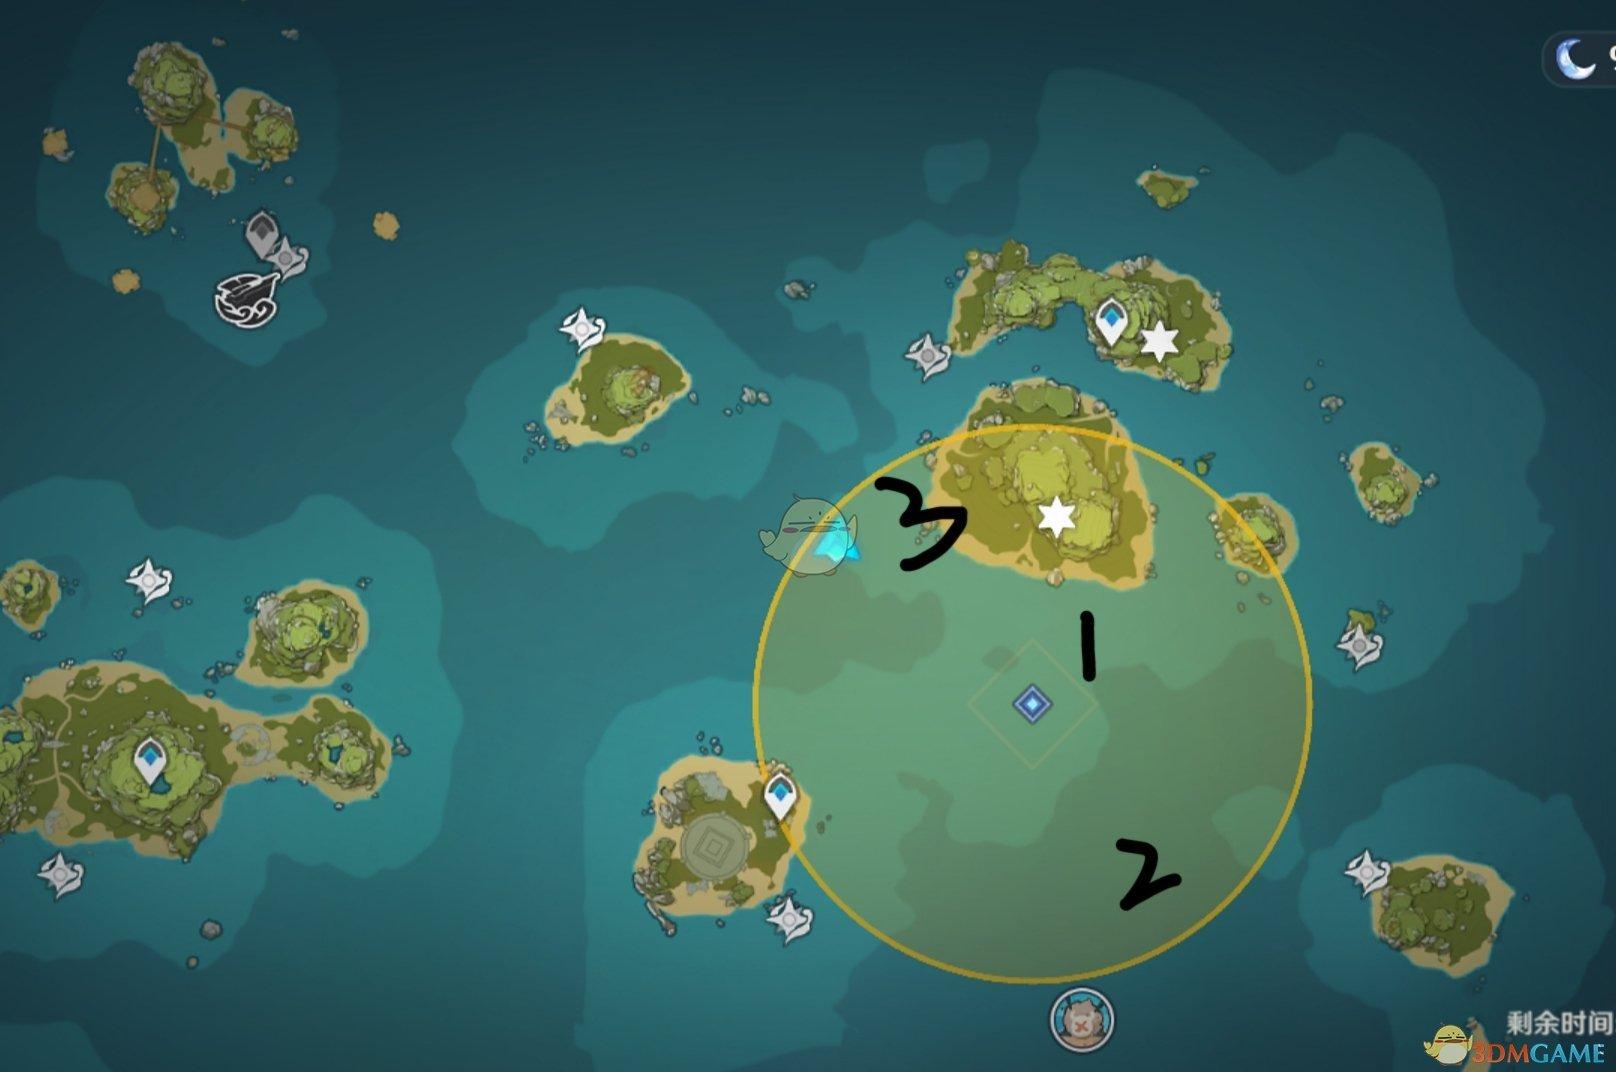 《原神》异乡的遇难船位置介绍